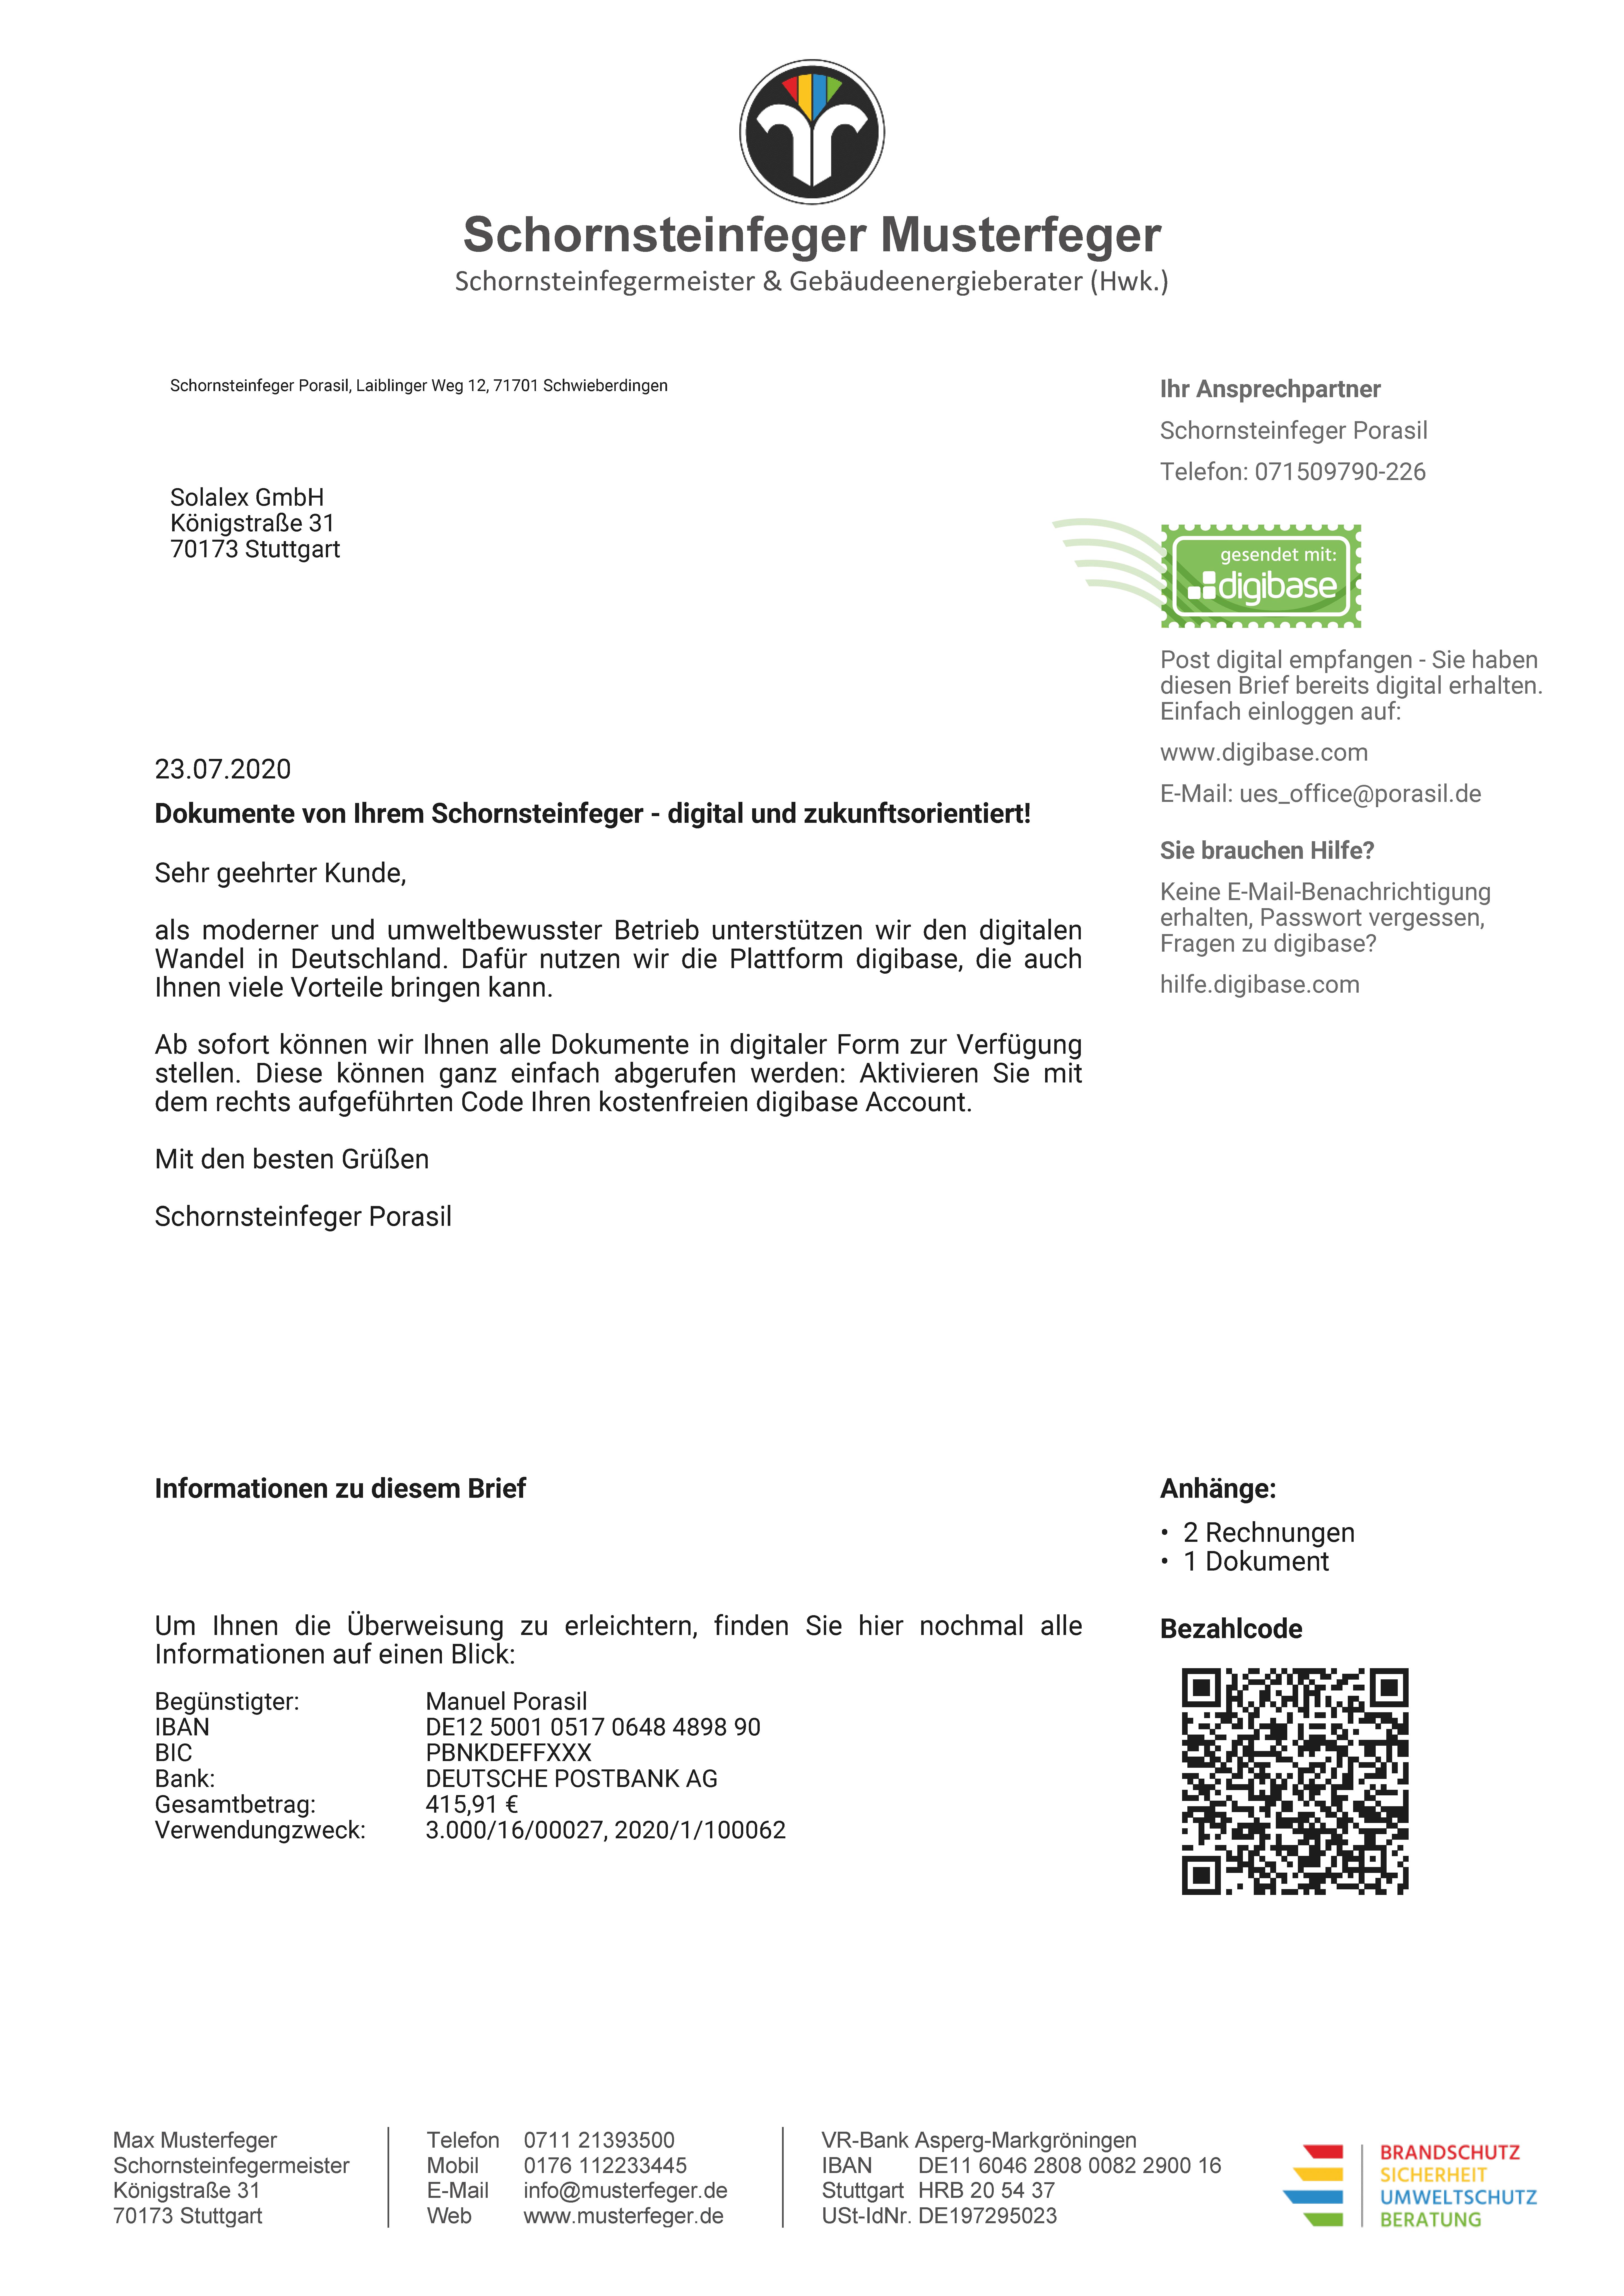 digibase network - Deckblatt postalischer Versand von Geschäftspost